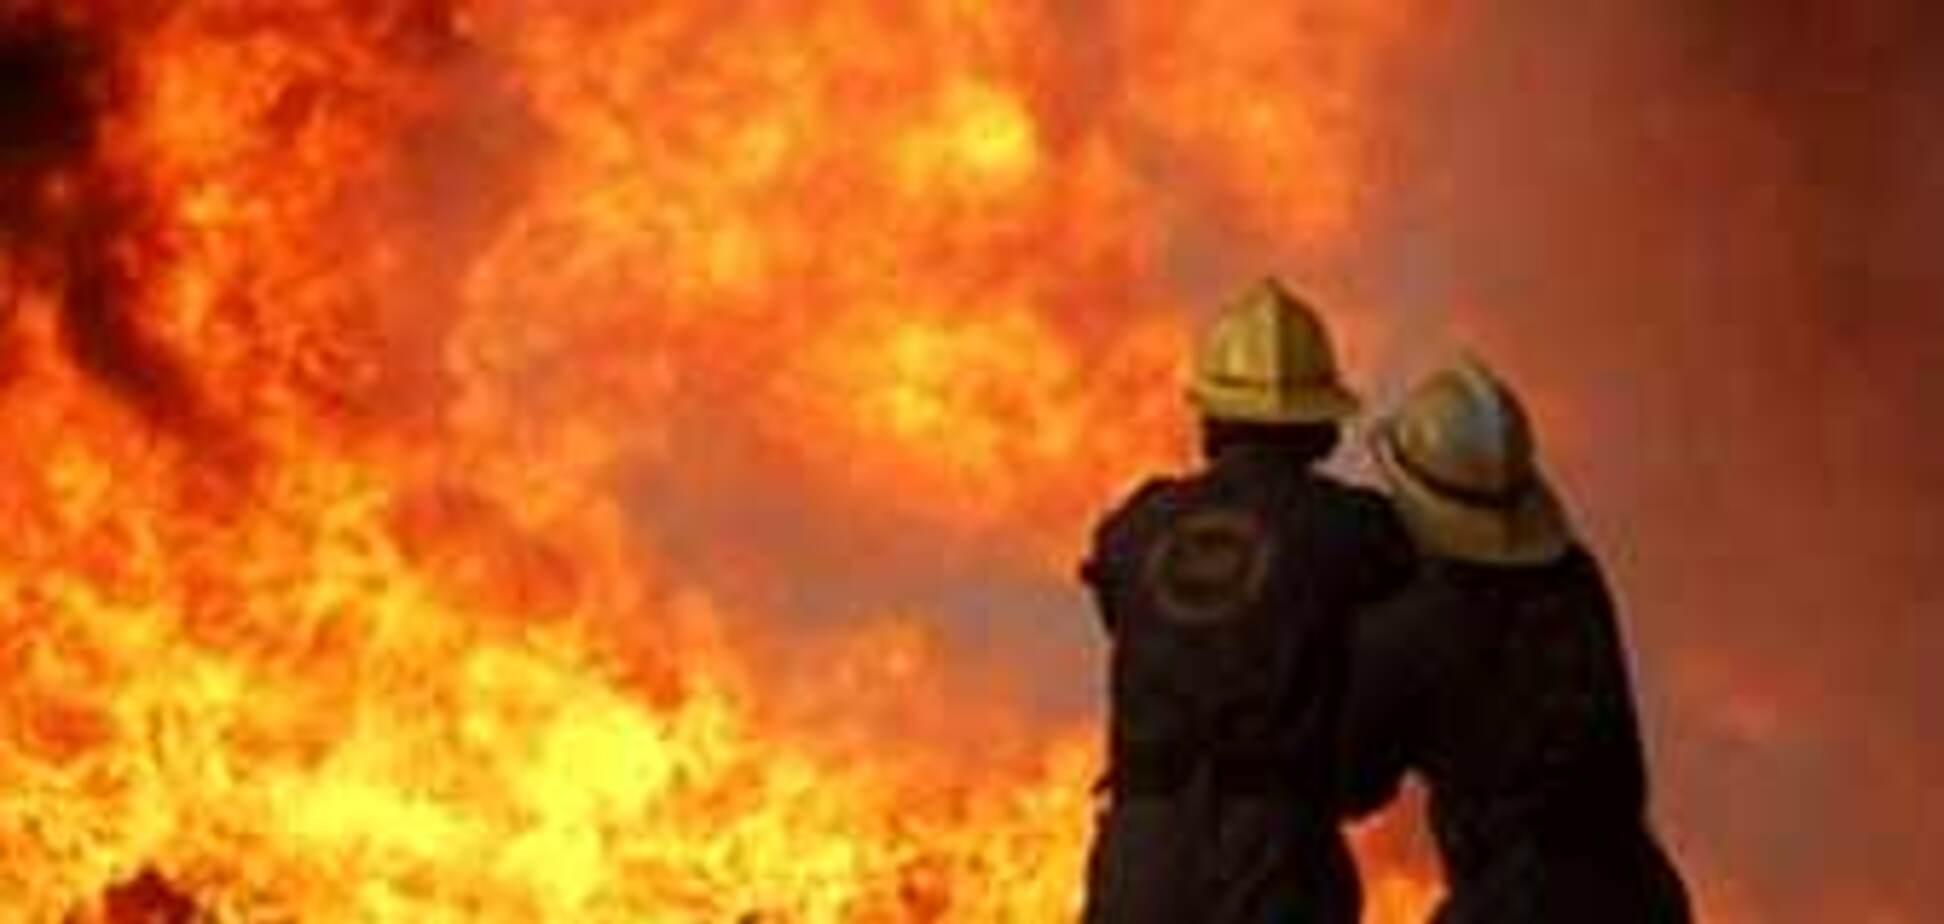 Популярний курорт в Туреччині охоплений пожежею